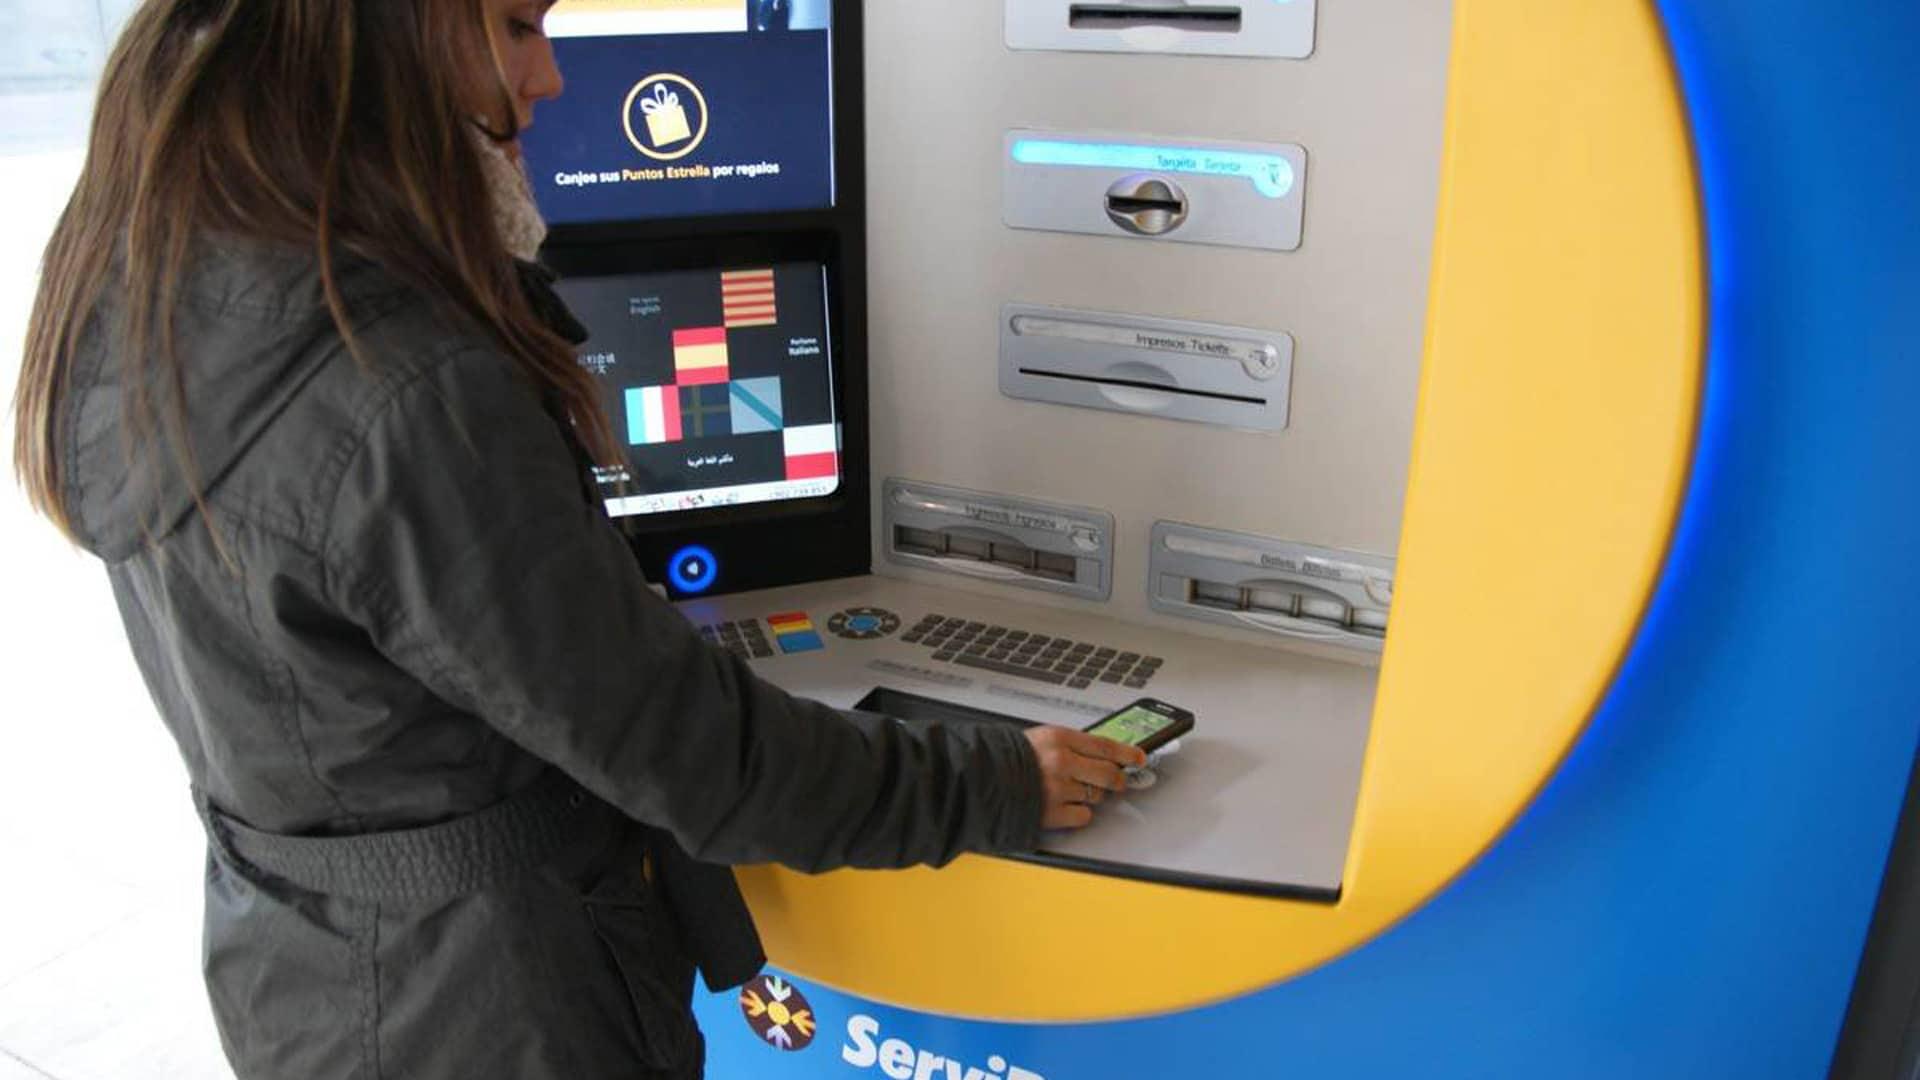 Sacar dinero sin tarjeta CaixaBank: cómo funciona